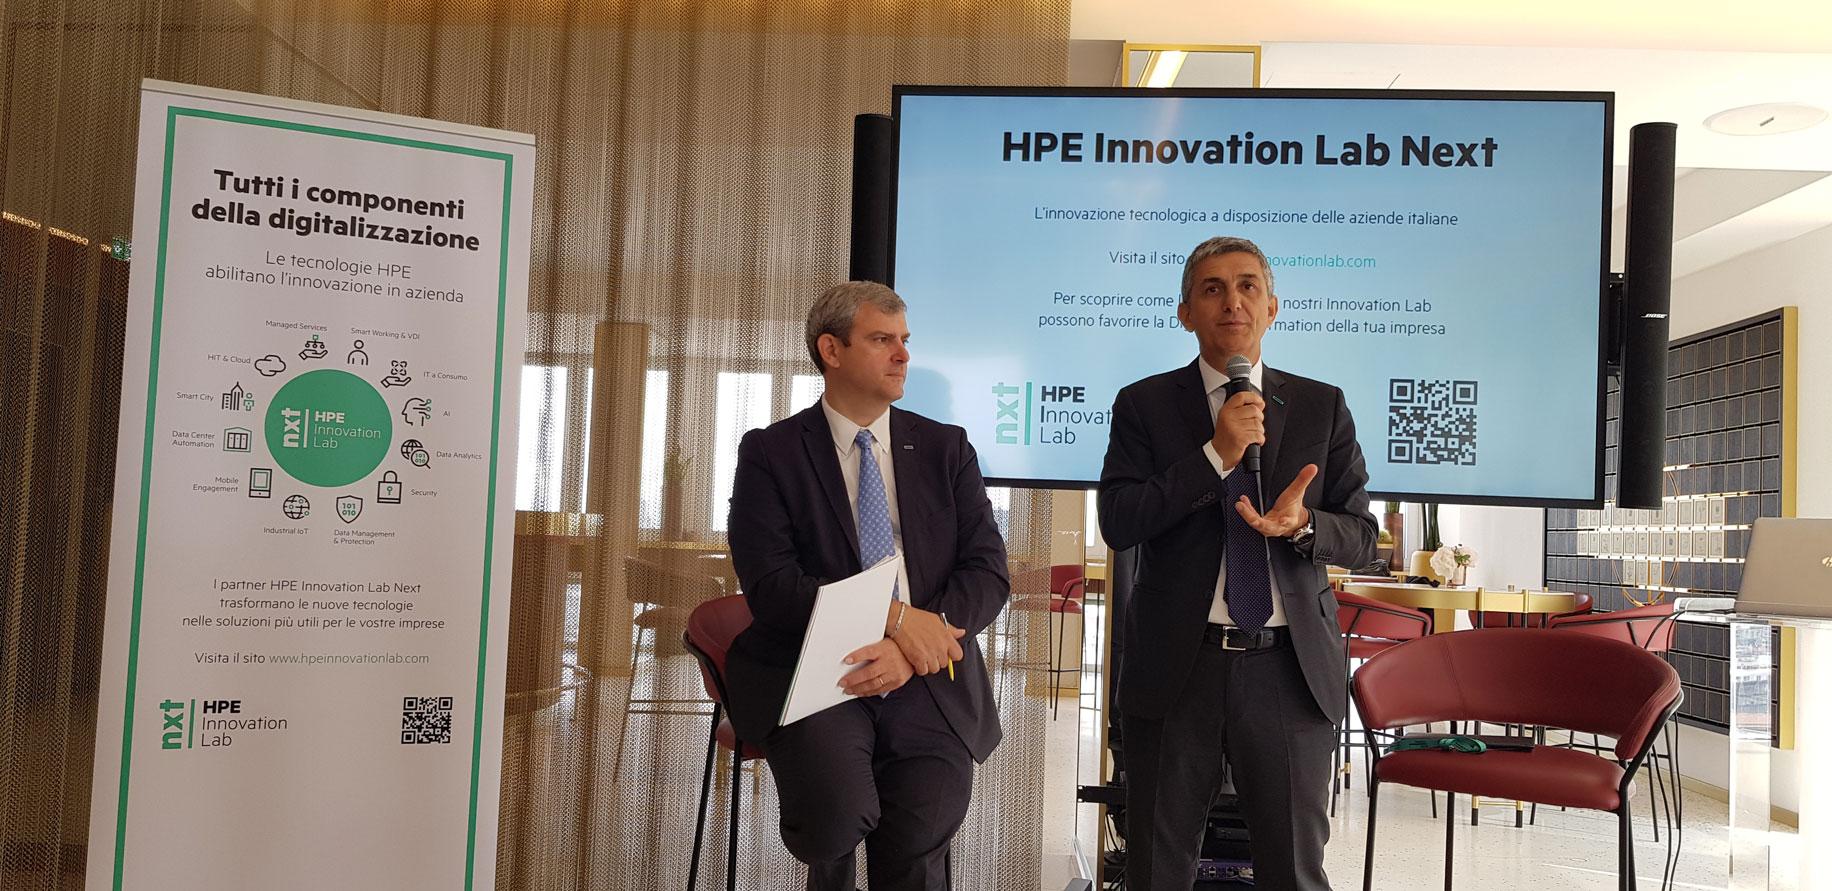 HPE Innovation Lab Next, 8 milioni di investimento